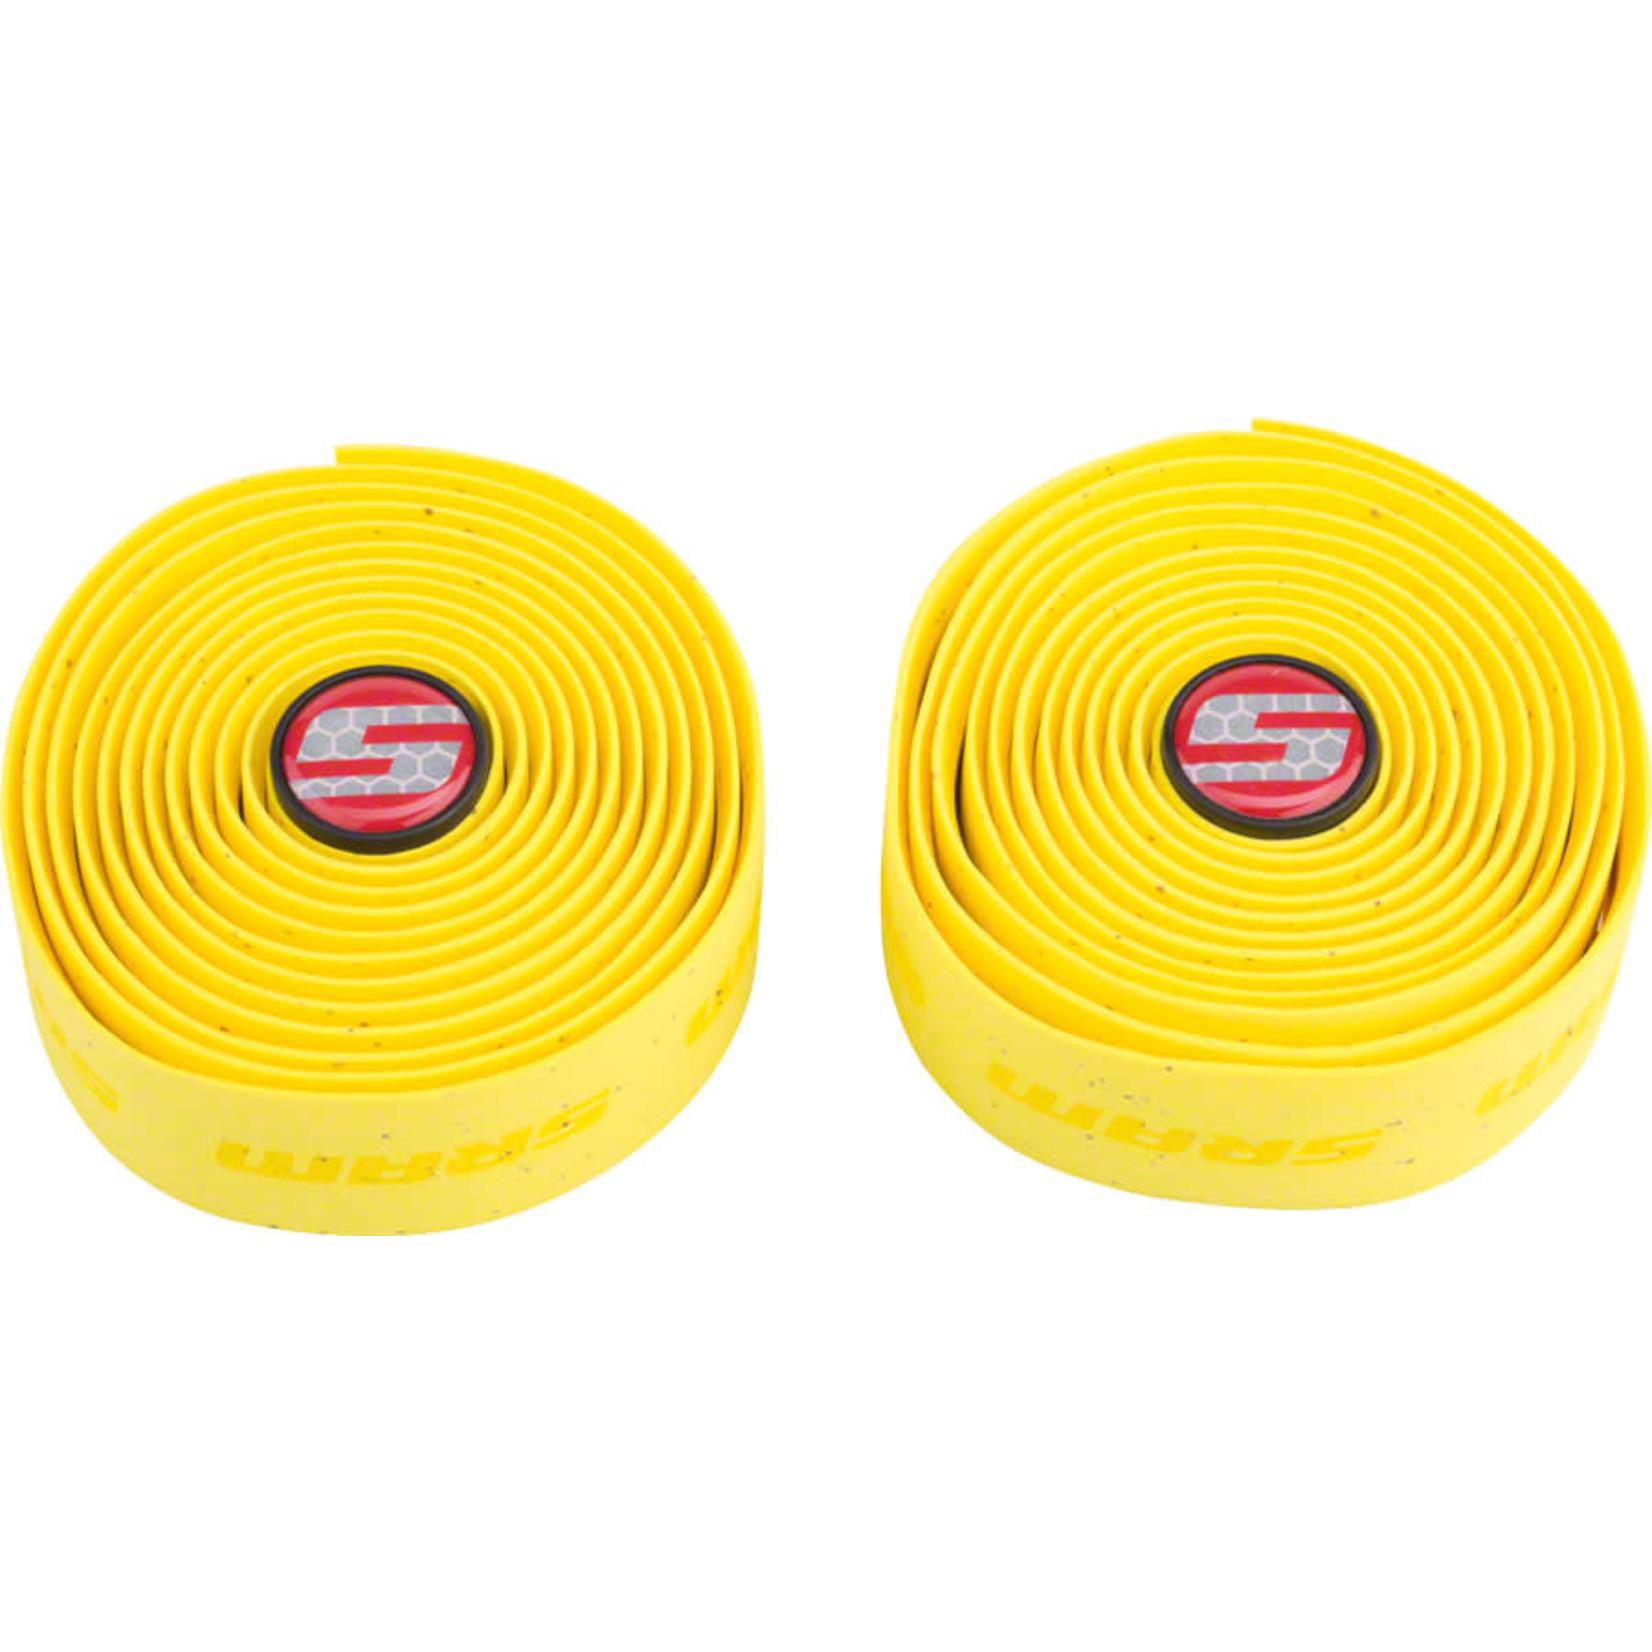 SRAM SRAM SuperCork Handlebar Tape - Yellow